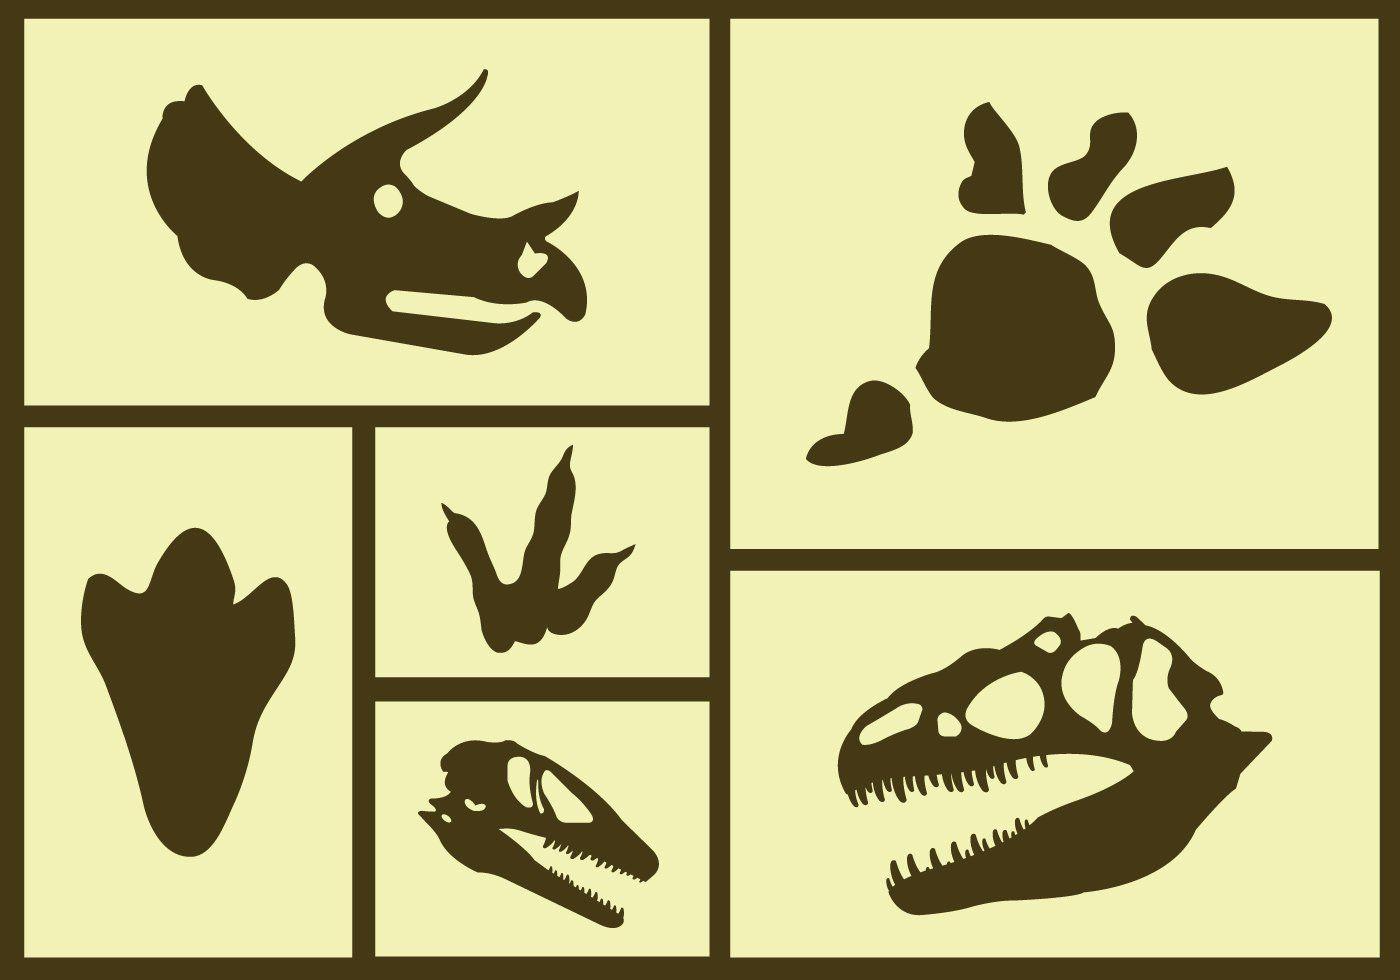 Dibujo Engranaje Vector Art Art Images Art Acabo de elaborar estas huellas de dinosaurio para ponerlas en el suelo de mi clase. dibujo engranaje vector art art